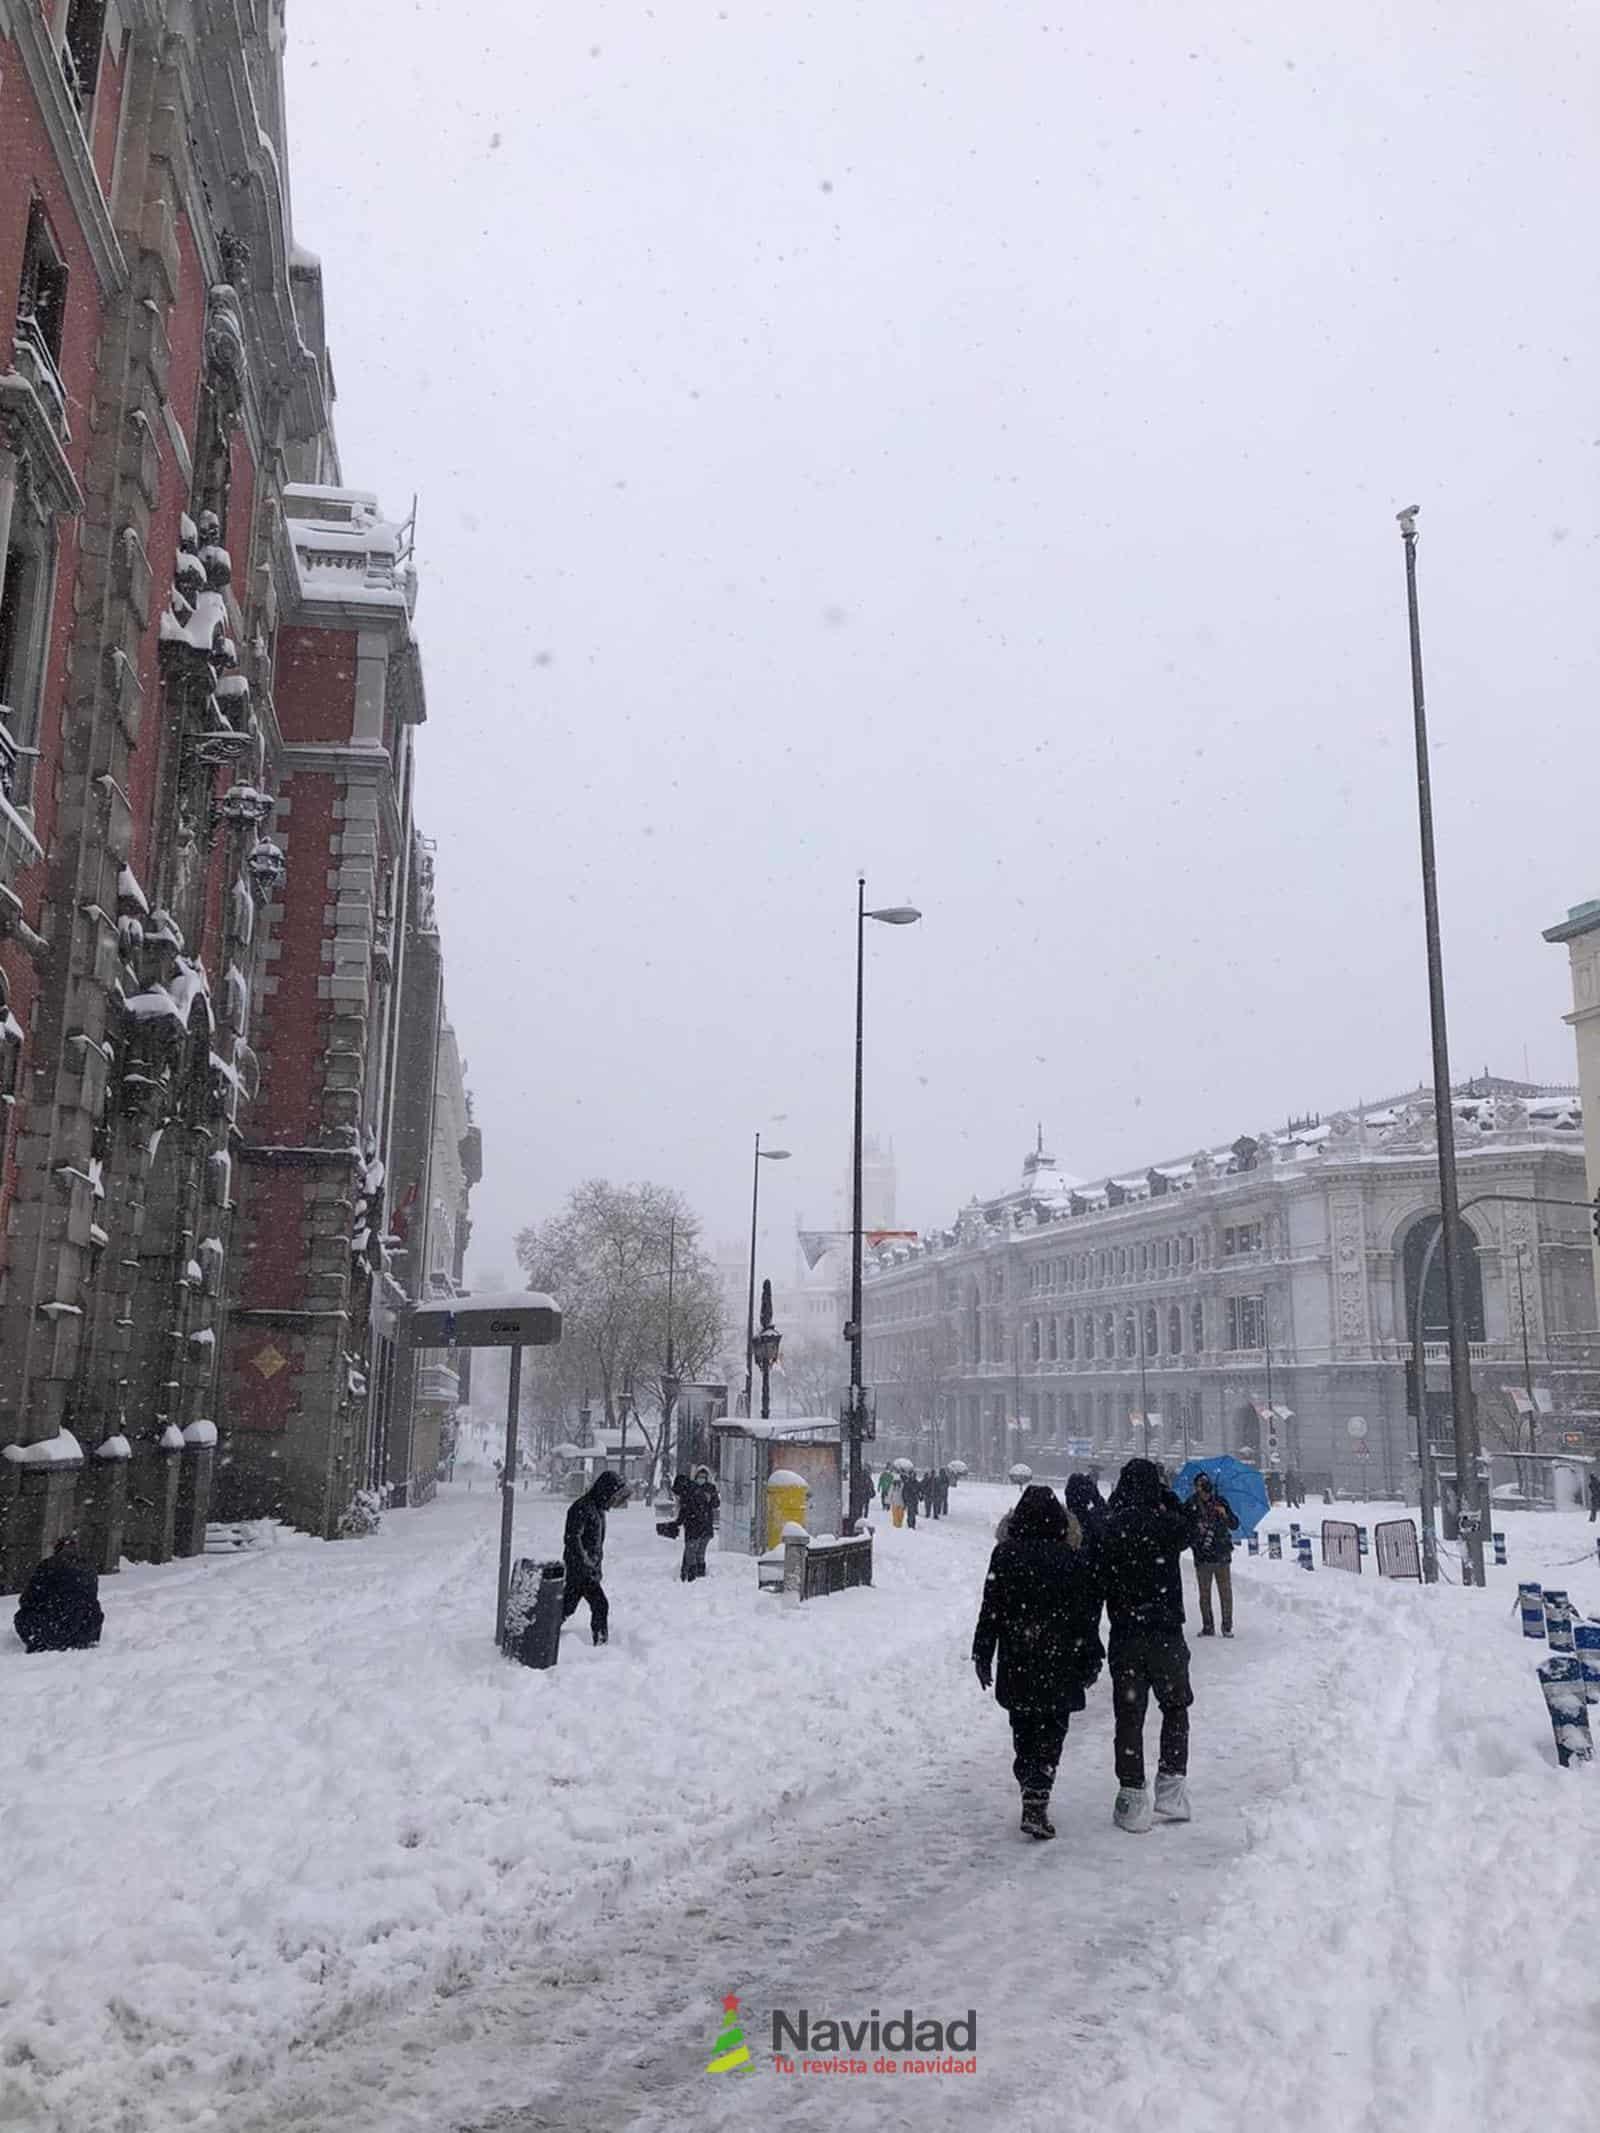 Fotografías de la nevada de enero en Madrid (España) 91